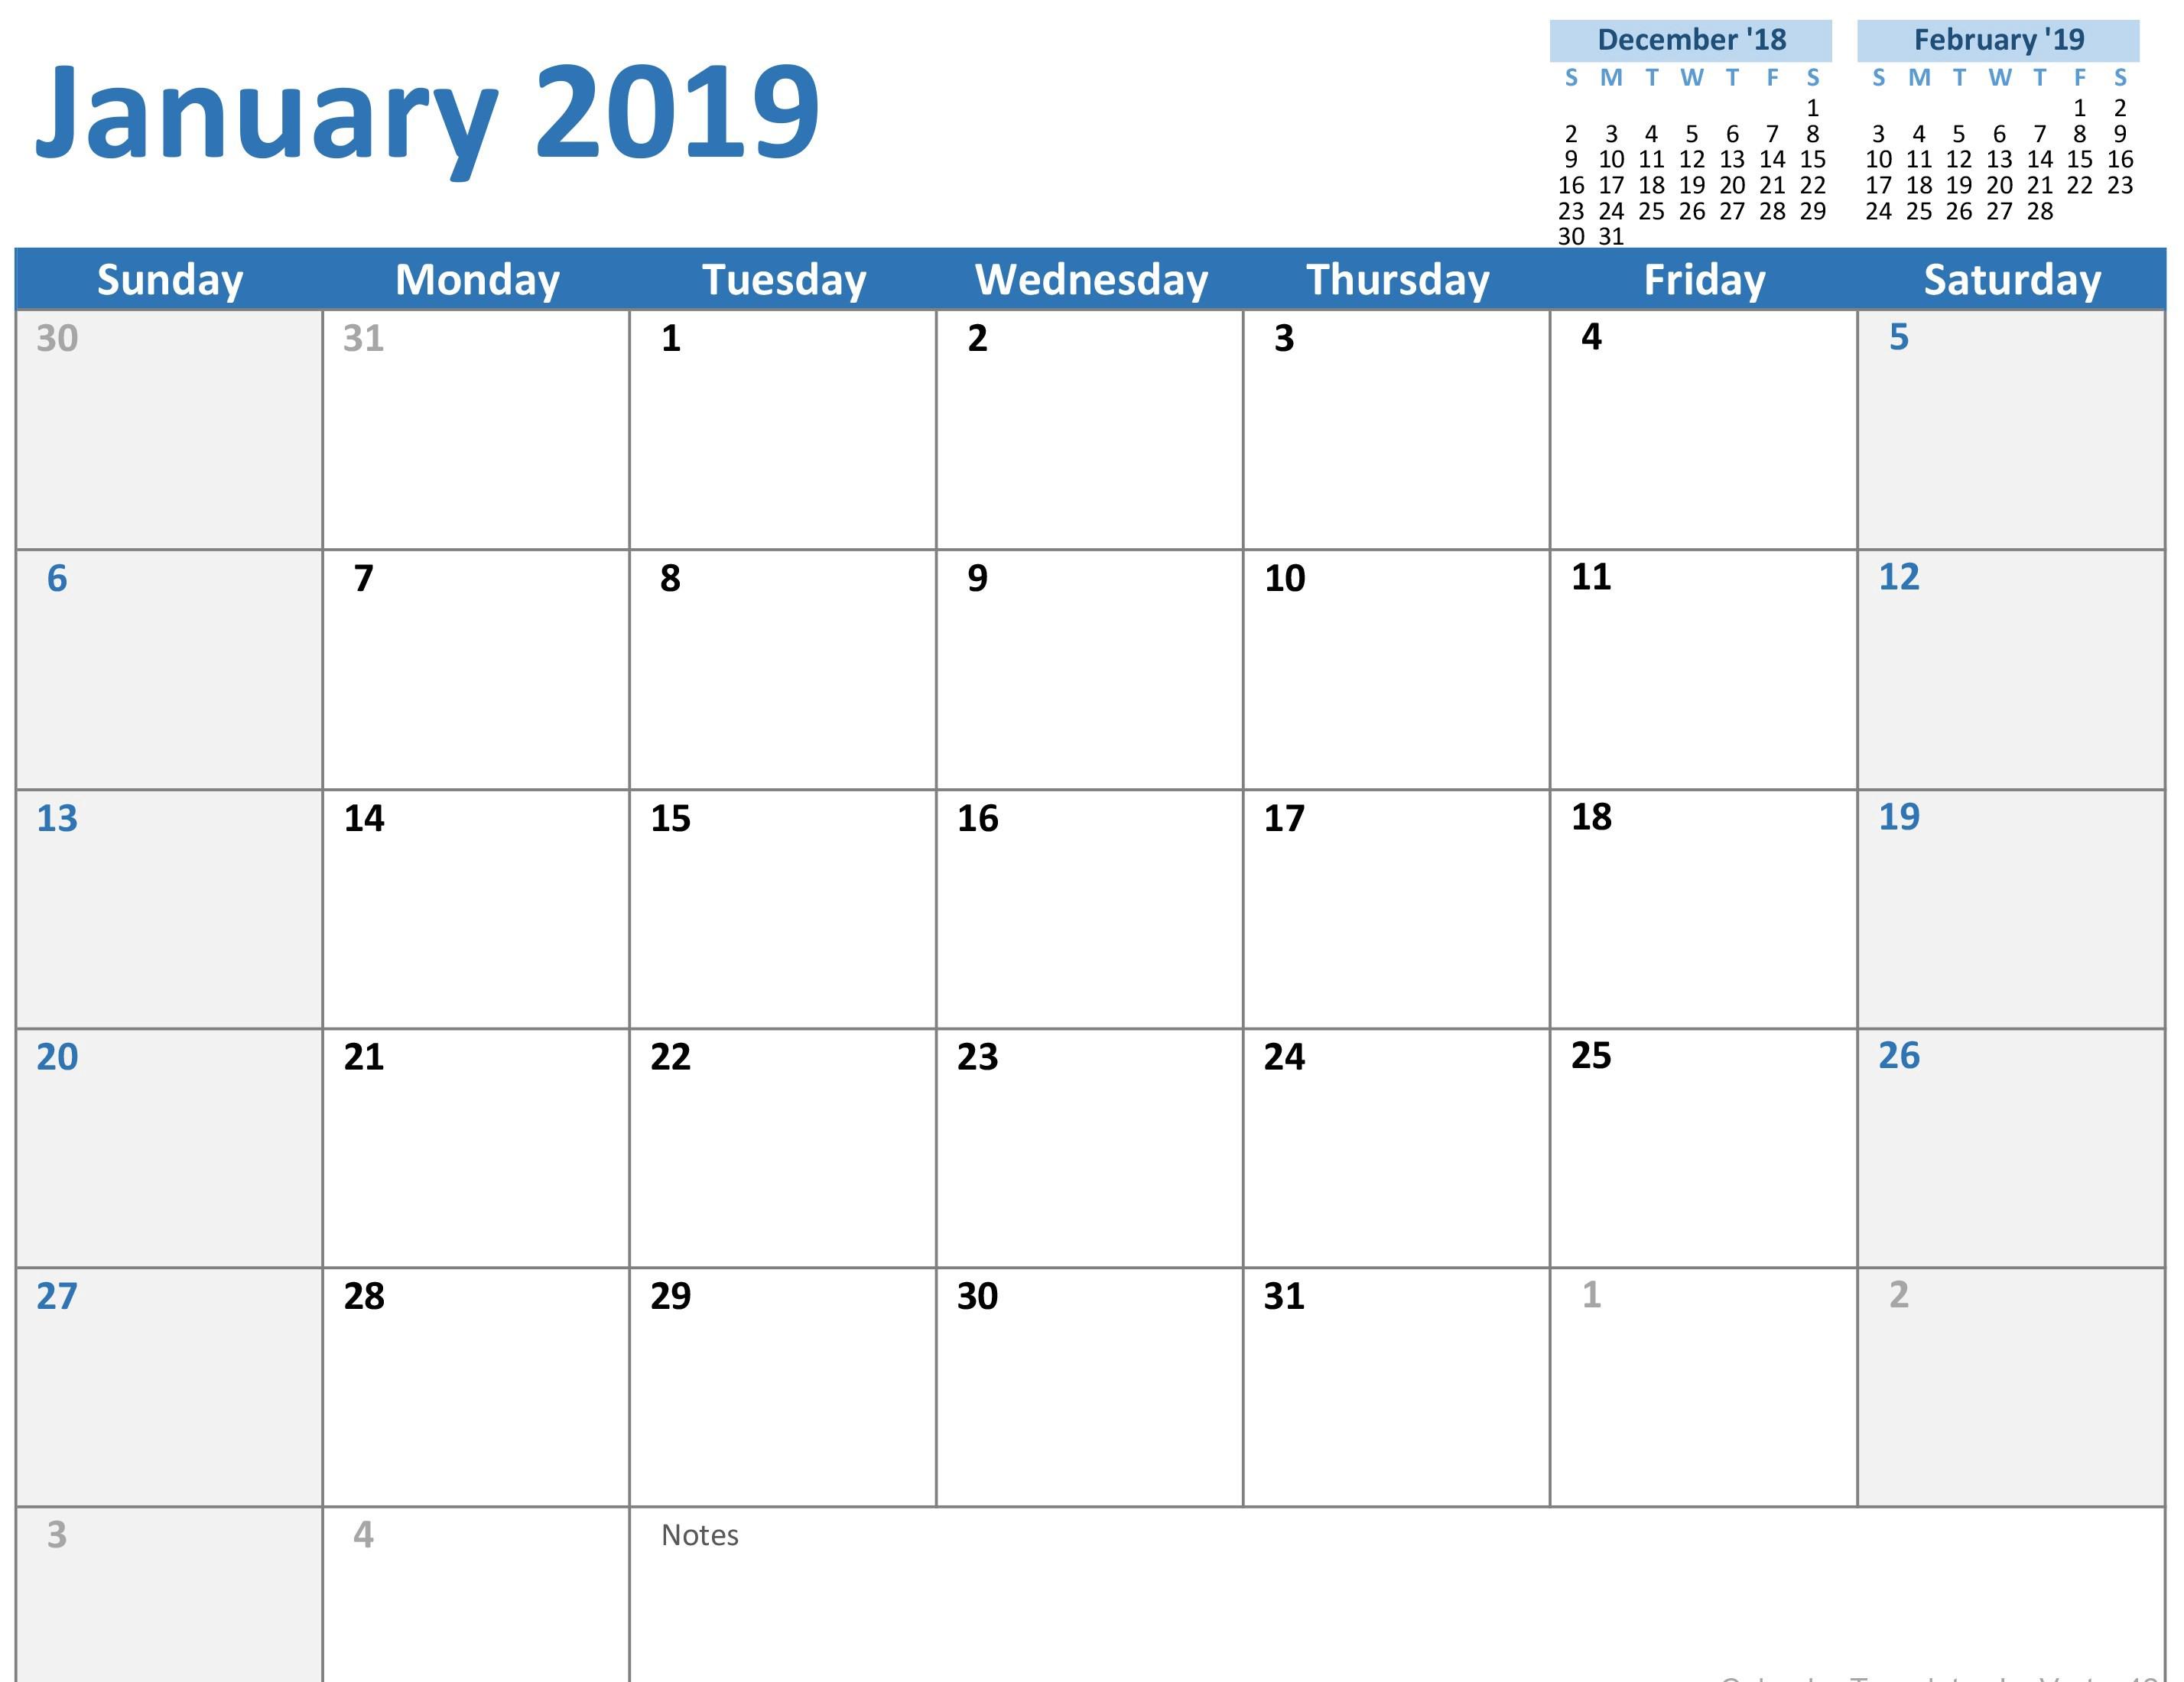 Custom Calendar For Schools - Marry Steven - Medium A Calendar That I Can Edit